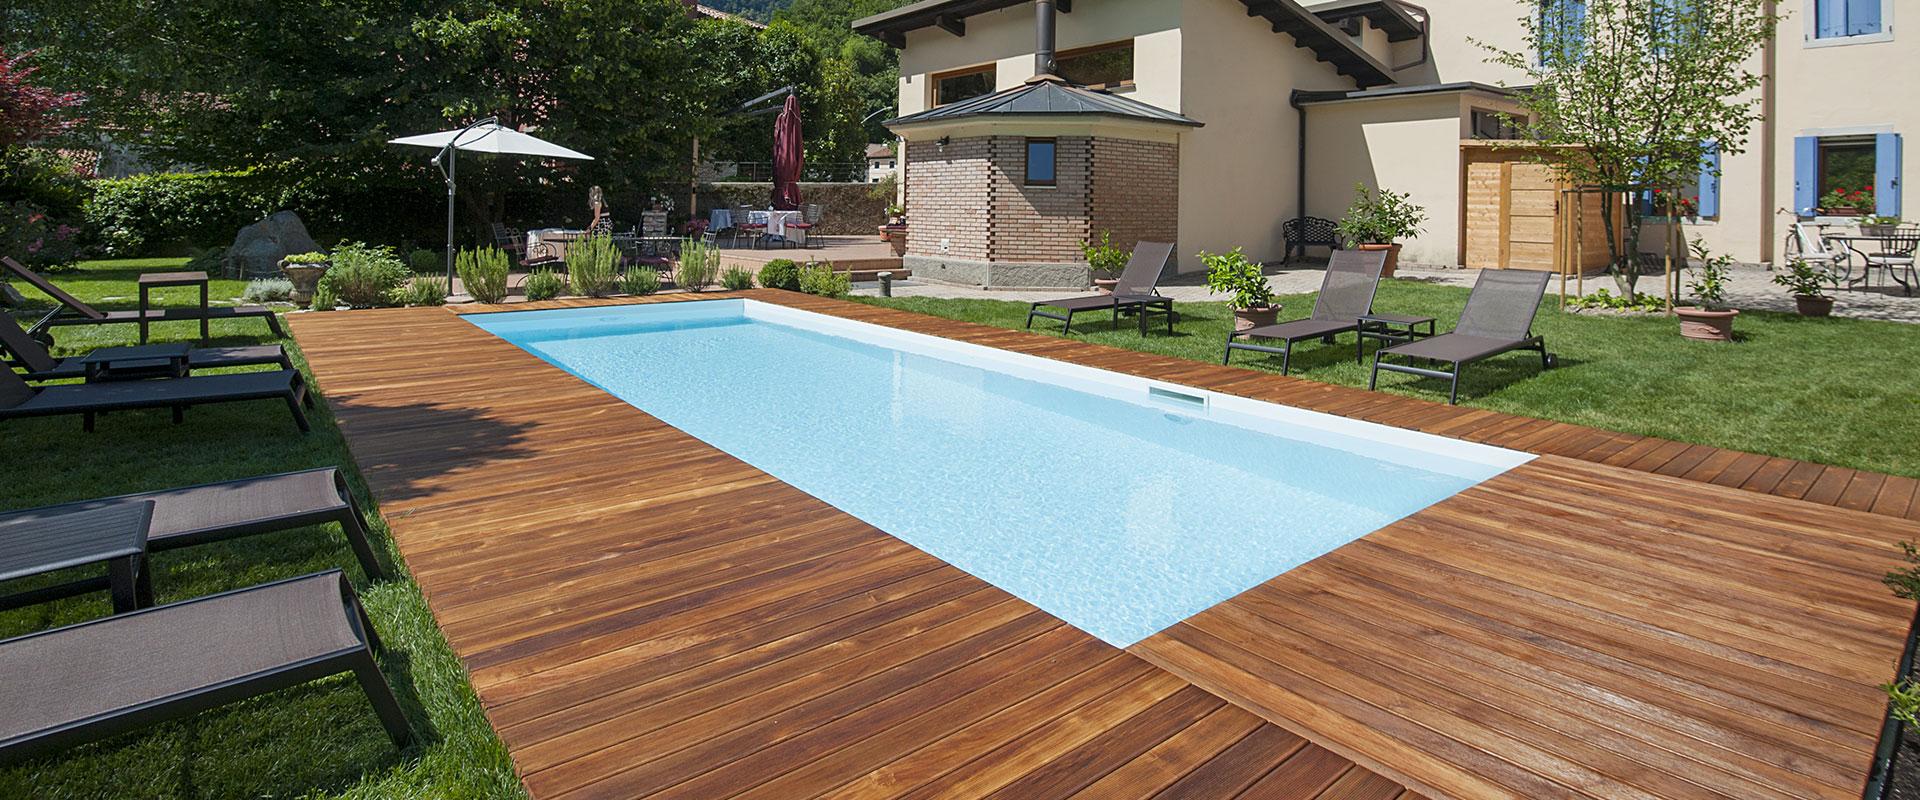 Gallery Outdoor: Pavimento in Legno per terrazze, giardini, verande ...